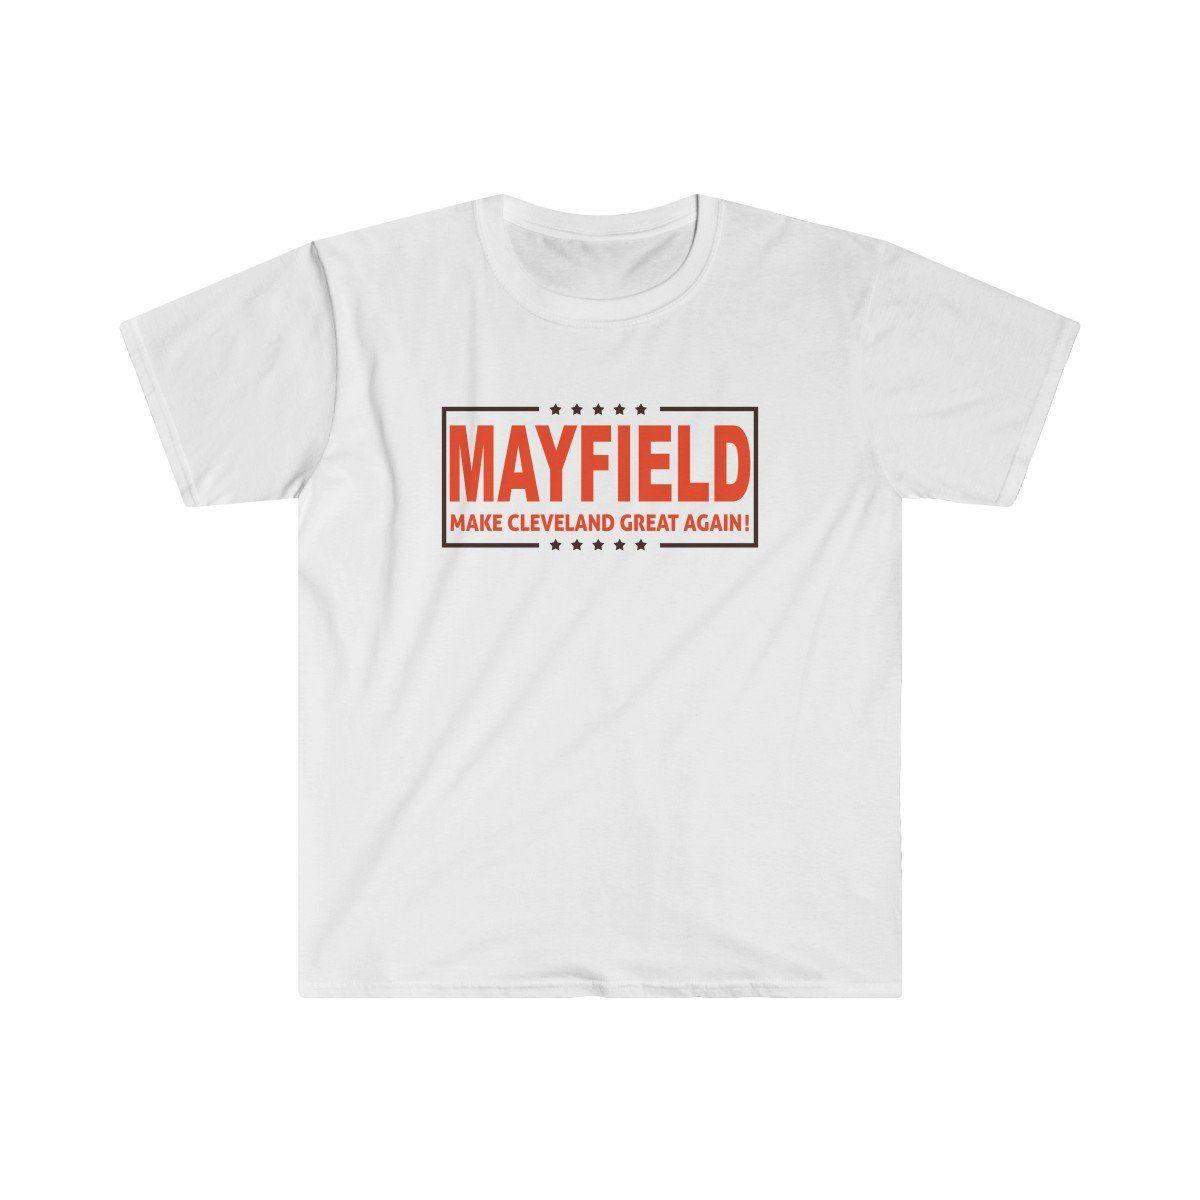 be08dbb70162 Mayfield Mcga T-Shirt, Make Cleveland Great Again T-Shirt, Mayfield  Cleveland Browns T-Shirt, Baker Mayfield T-Shirt